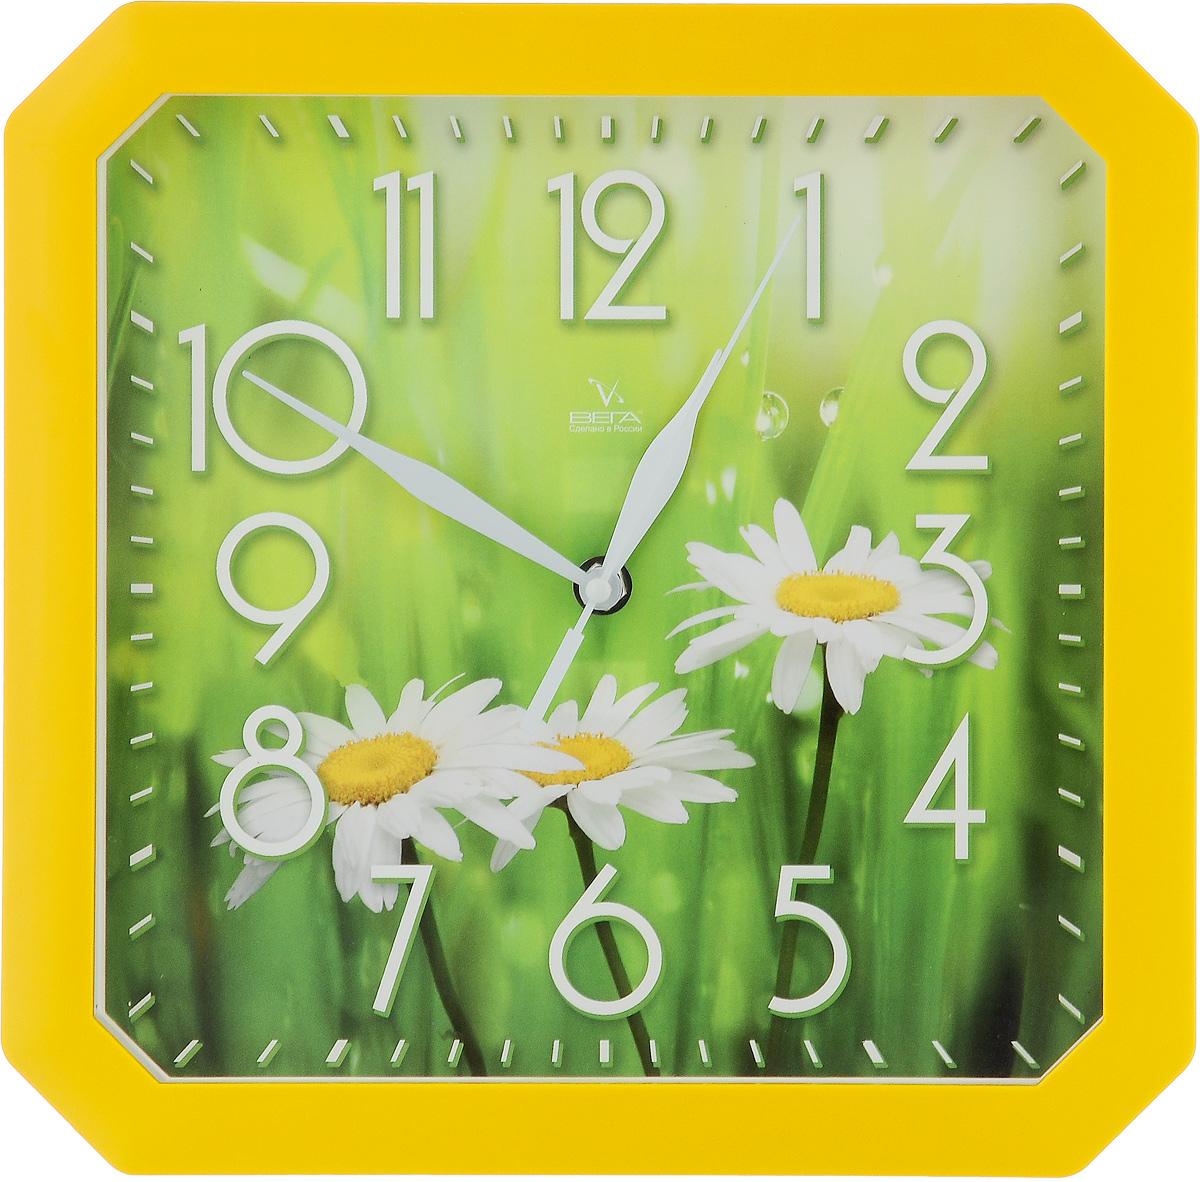 Часы настенные Вега Три ромашки, 28 х 28 х 4 смП1-9/7-50Настенные кварцевые часы Вега Три ромашки, изготовленные из пластика, прекрасно впишутся в интерьер вашего дома. Часы имеют три стрелки: часовую, минутную и секундную, циферблат защищен прозрачным стеклом. Часы работают от 1 батарейки типа АА напряжением 1,5 В (не входит в комплект).